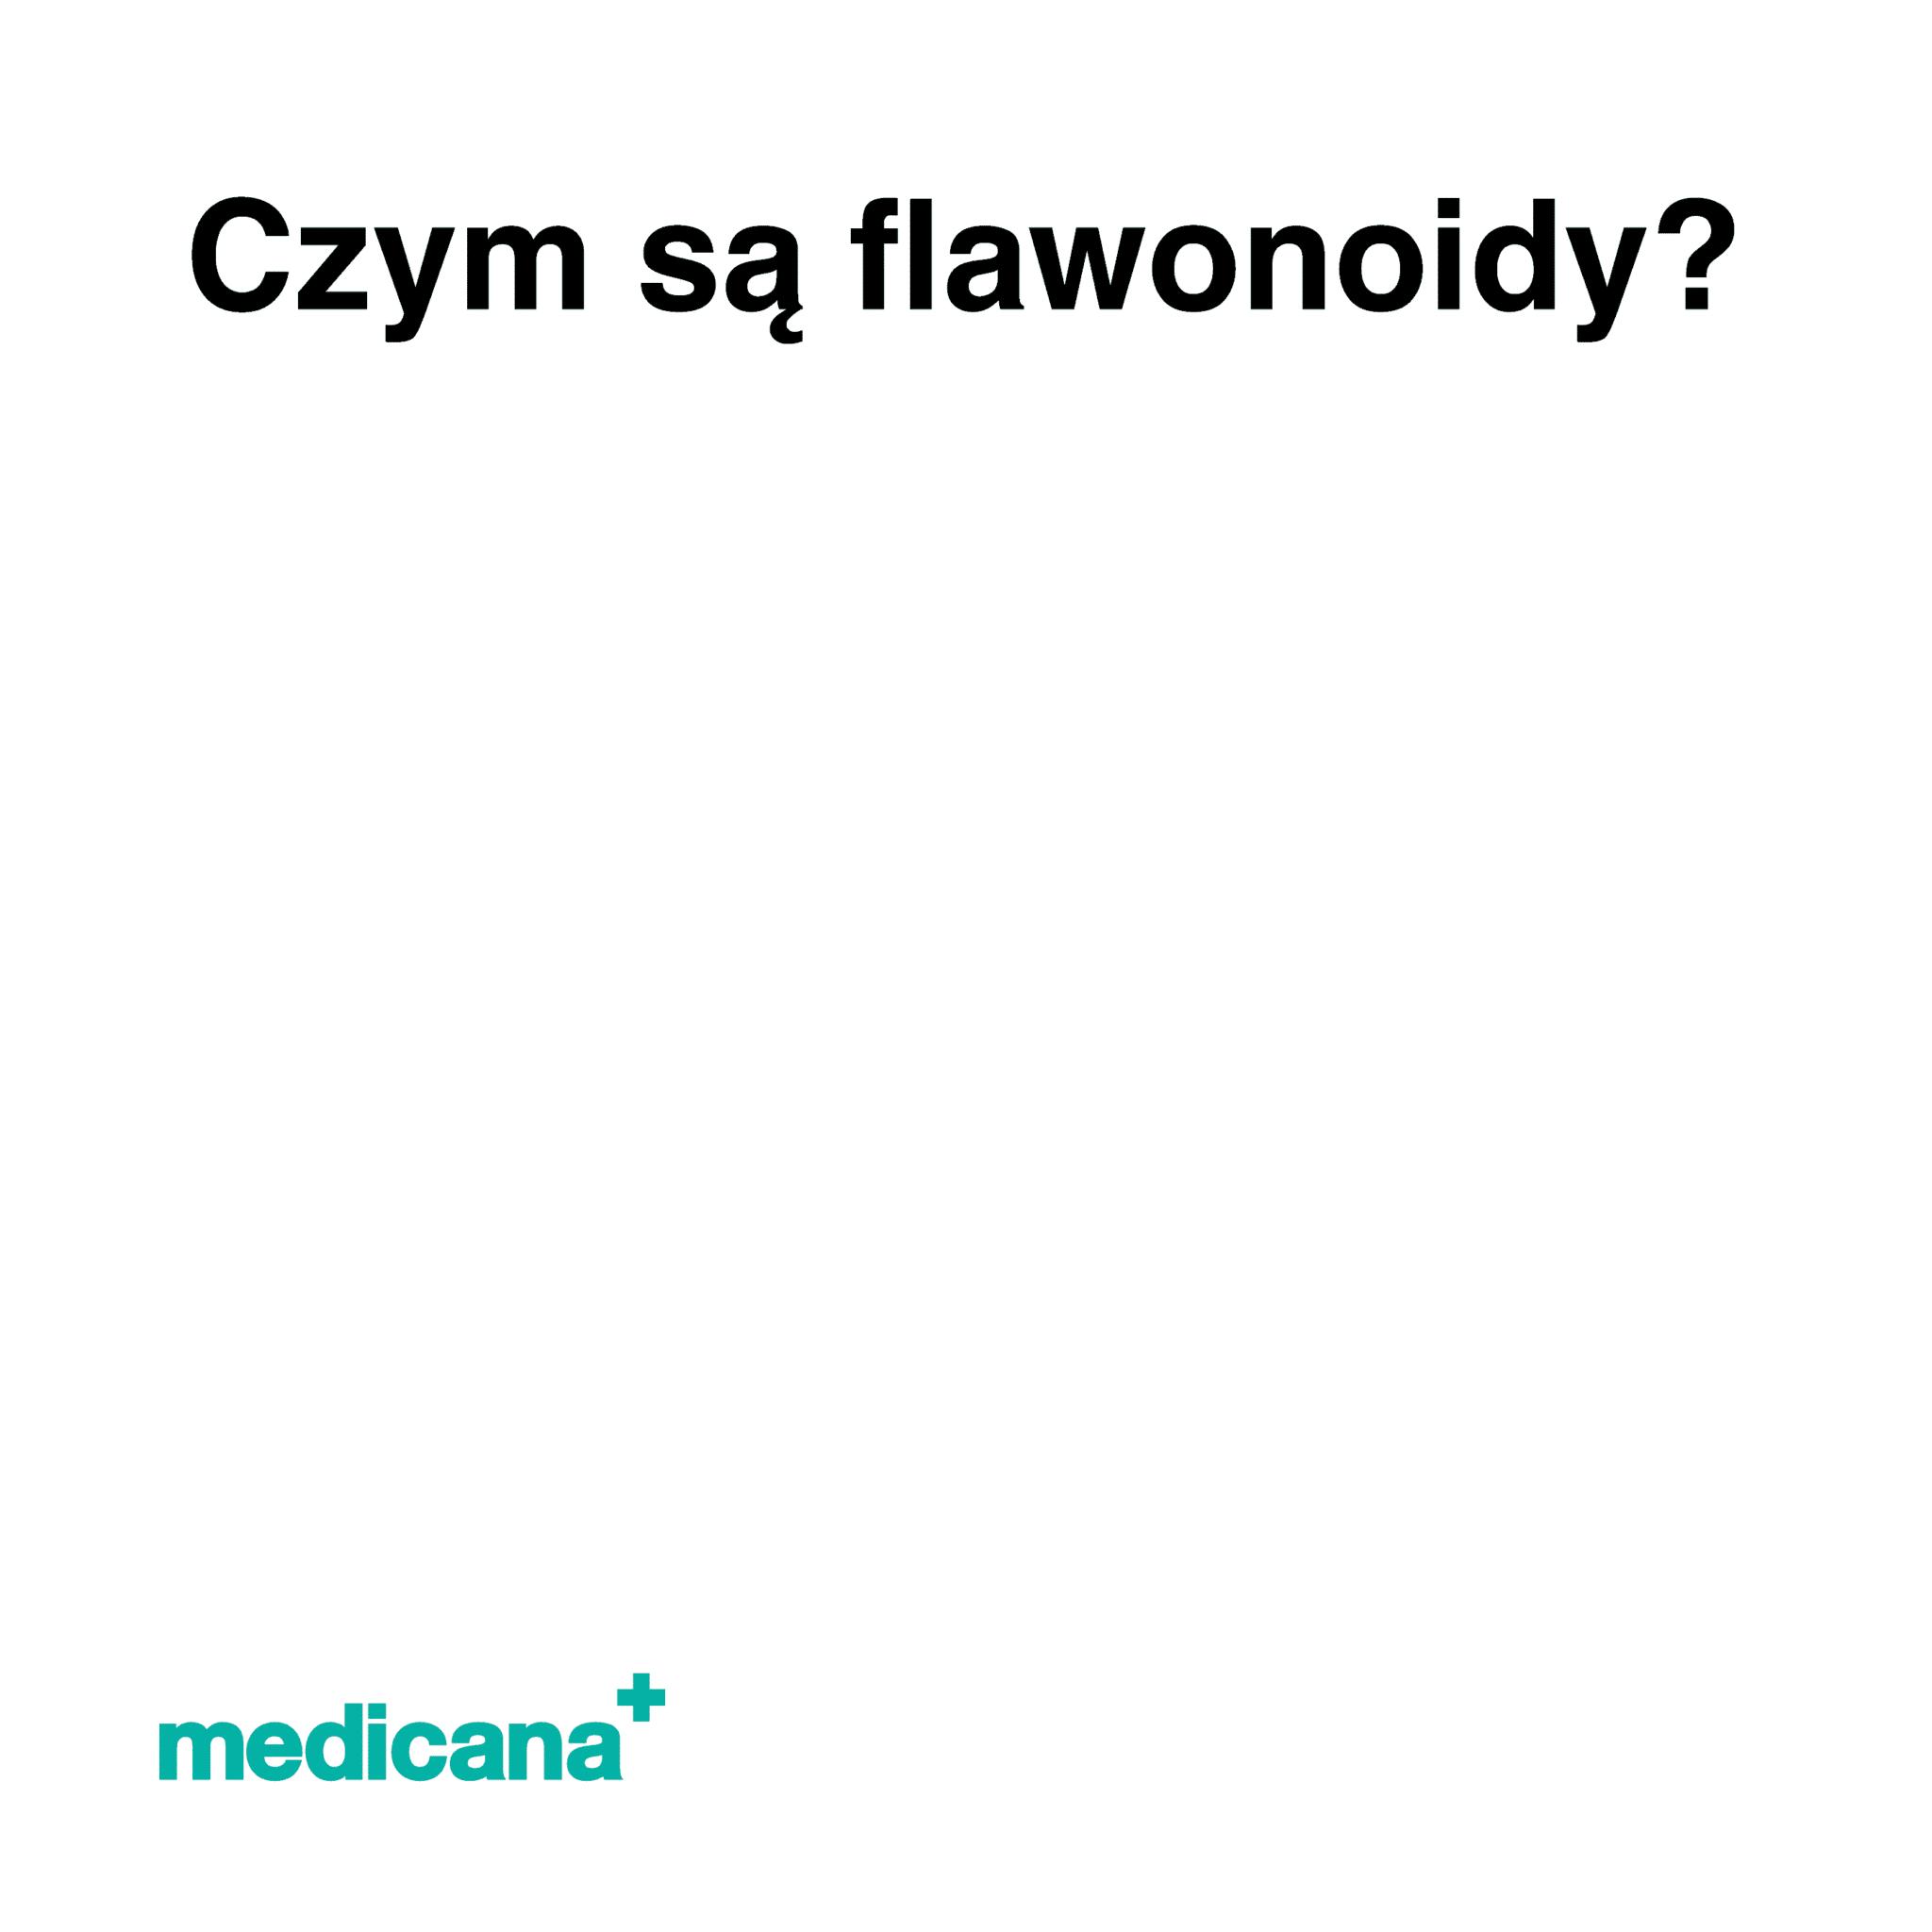 Grafika, białe tło z czarnym napisem Czym są flawonoidy? oraz zielonym logo Medicana w lewym dolnym rogu.